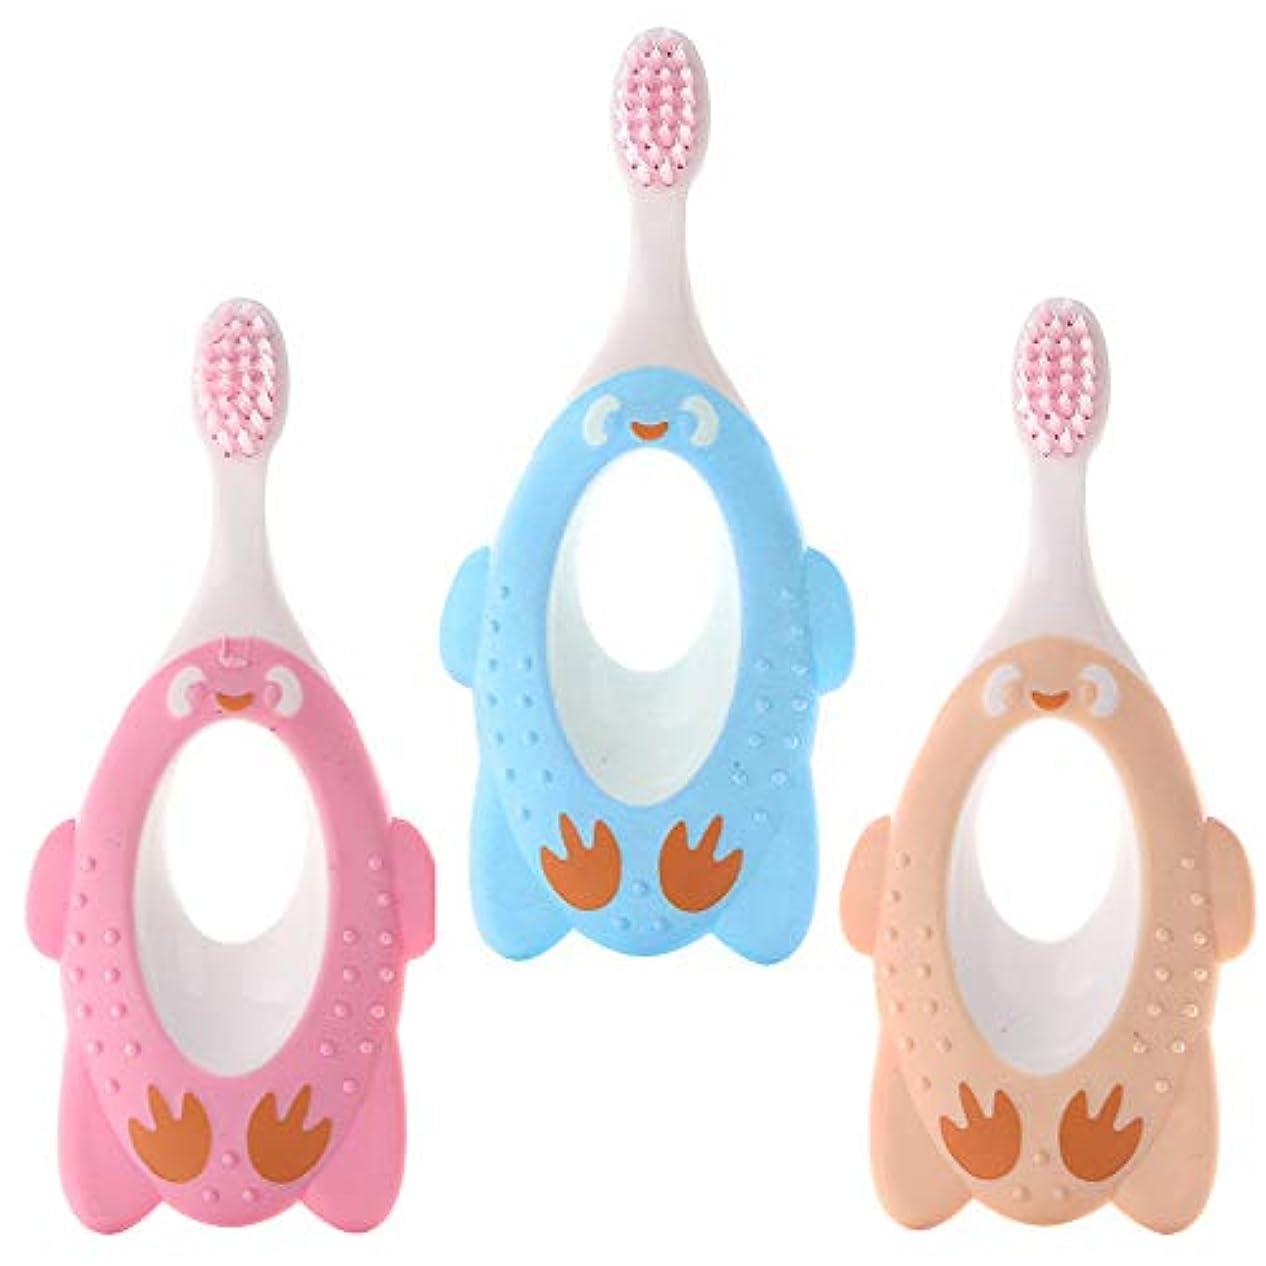 オンスユニークな眉をひそめる赤ん坊、幼児および子供のための3つのかわいい赤ん坊の歯ブラシセットやわらかデンタルトレーニング歯ブラシオーラルケアセット17×9.5cm(ブルーピンクイエロー)